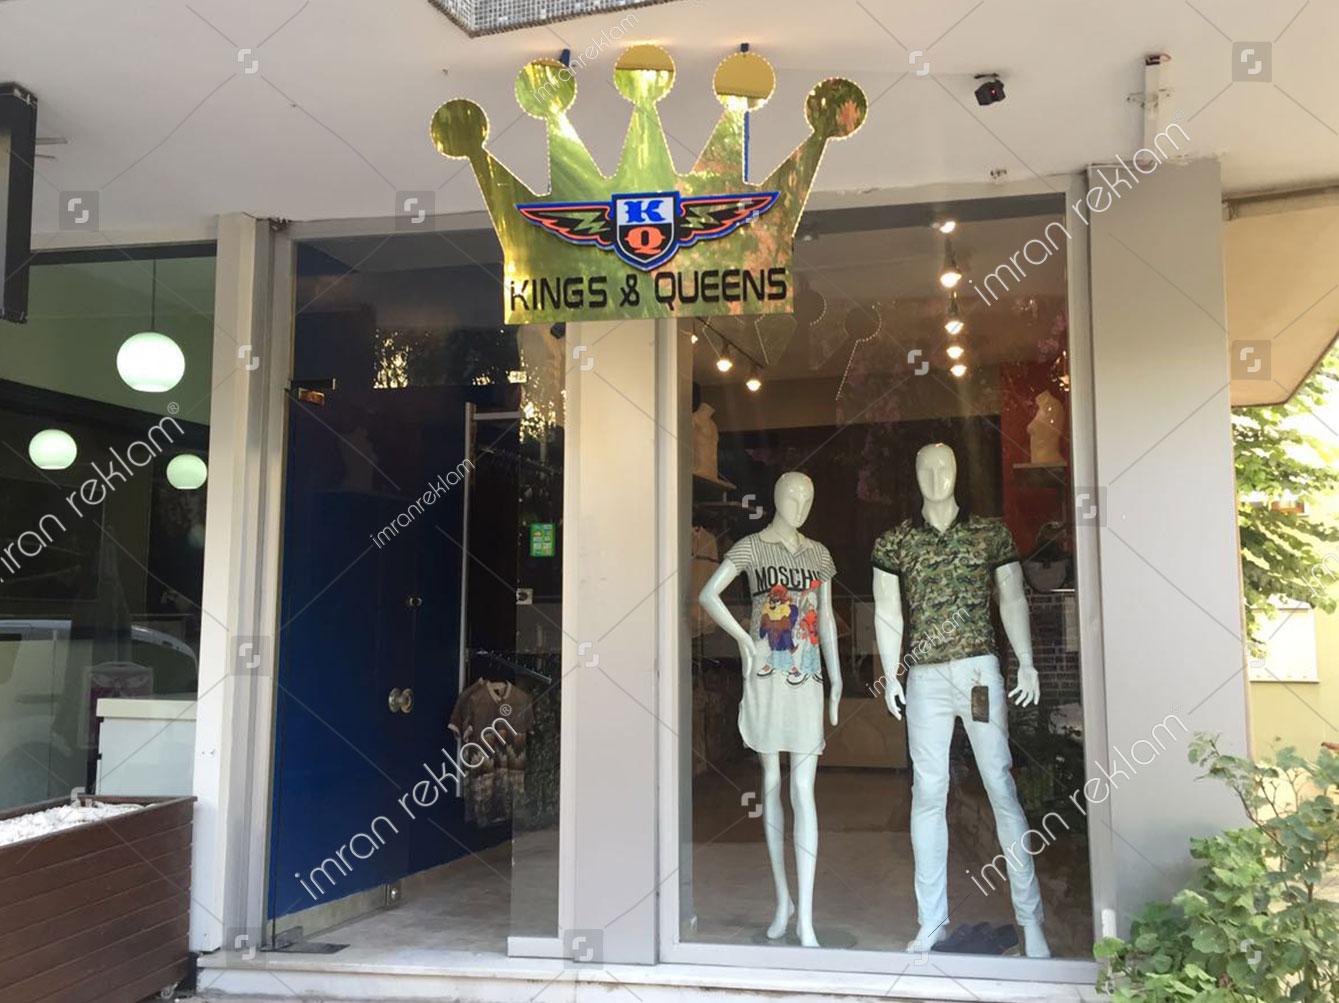 butikci-tabelasi